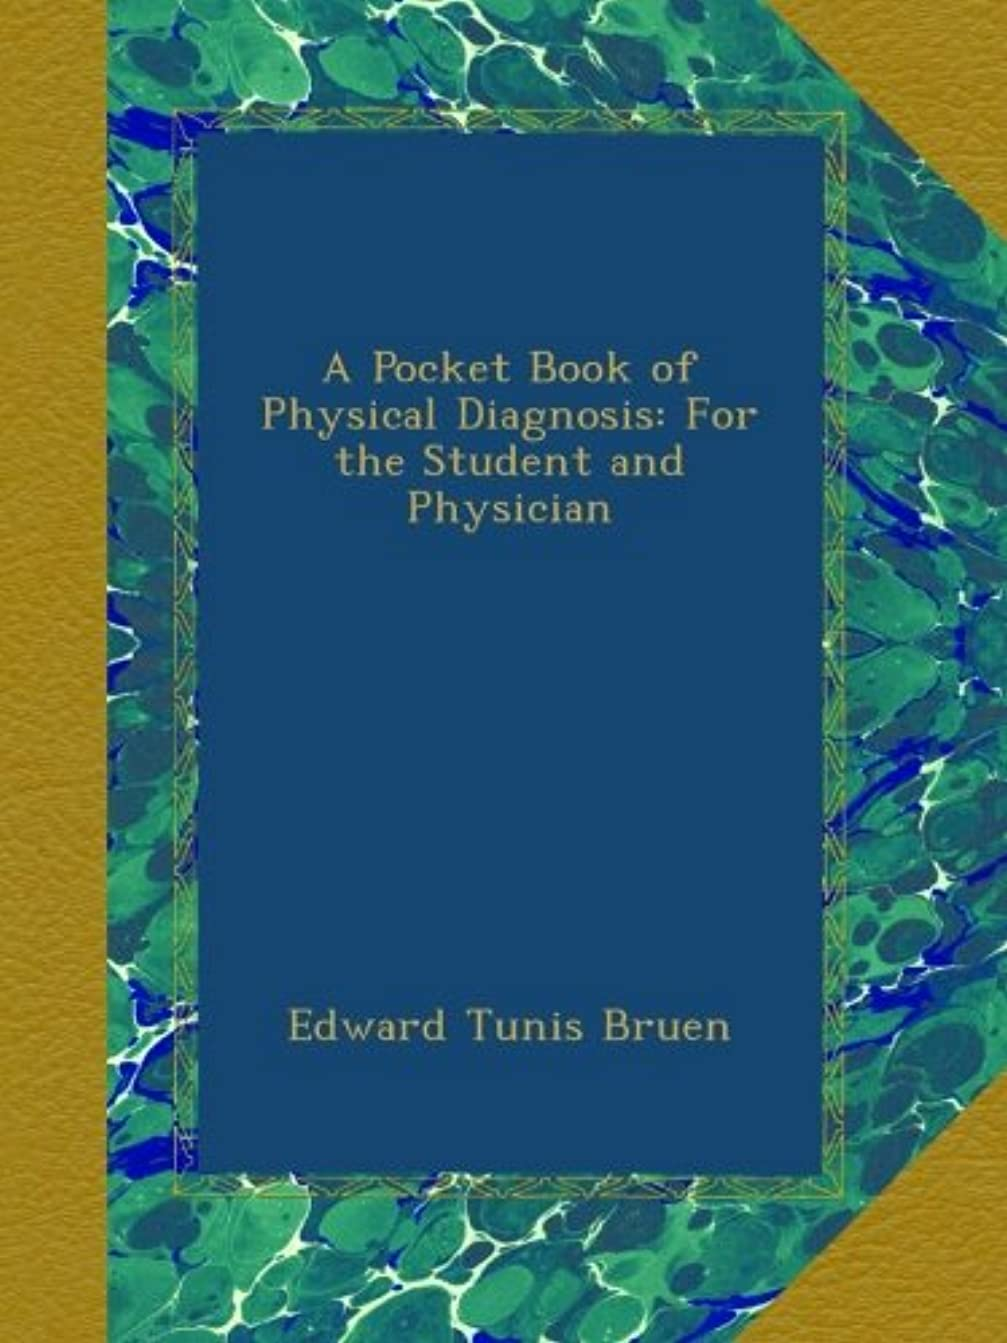 遮る教師の日利用可能A Pocket Book of Physical Diagnosis: For the Student and Physician